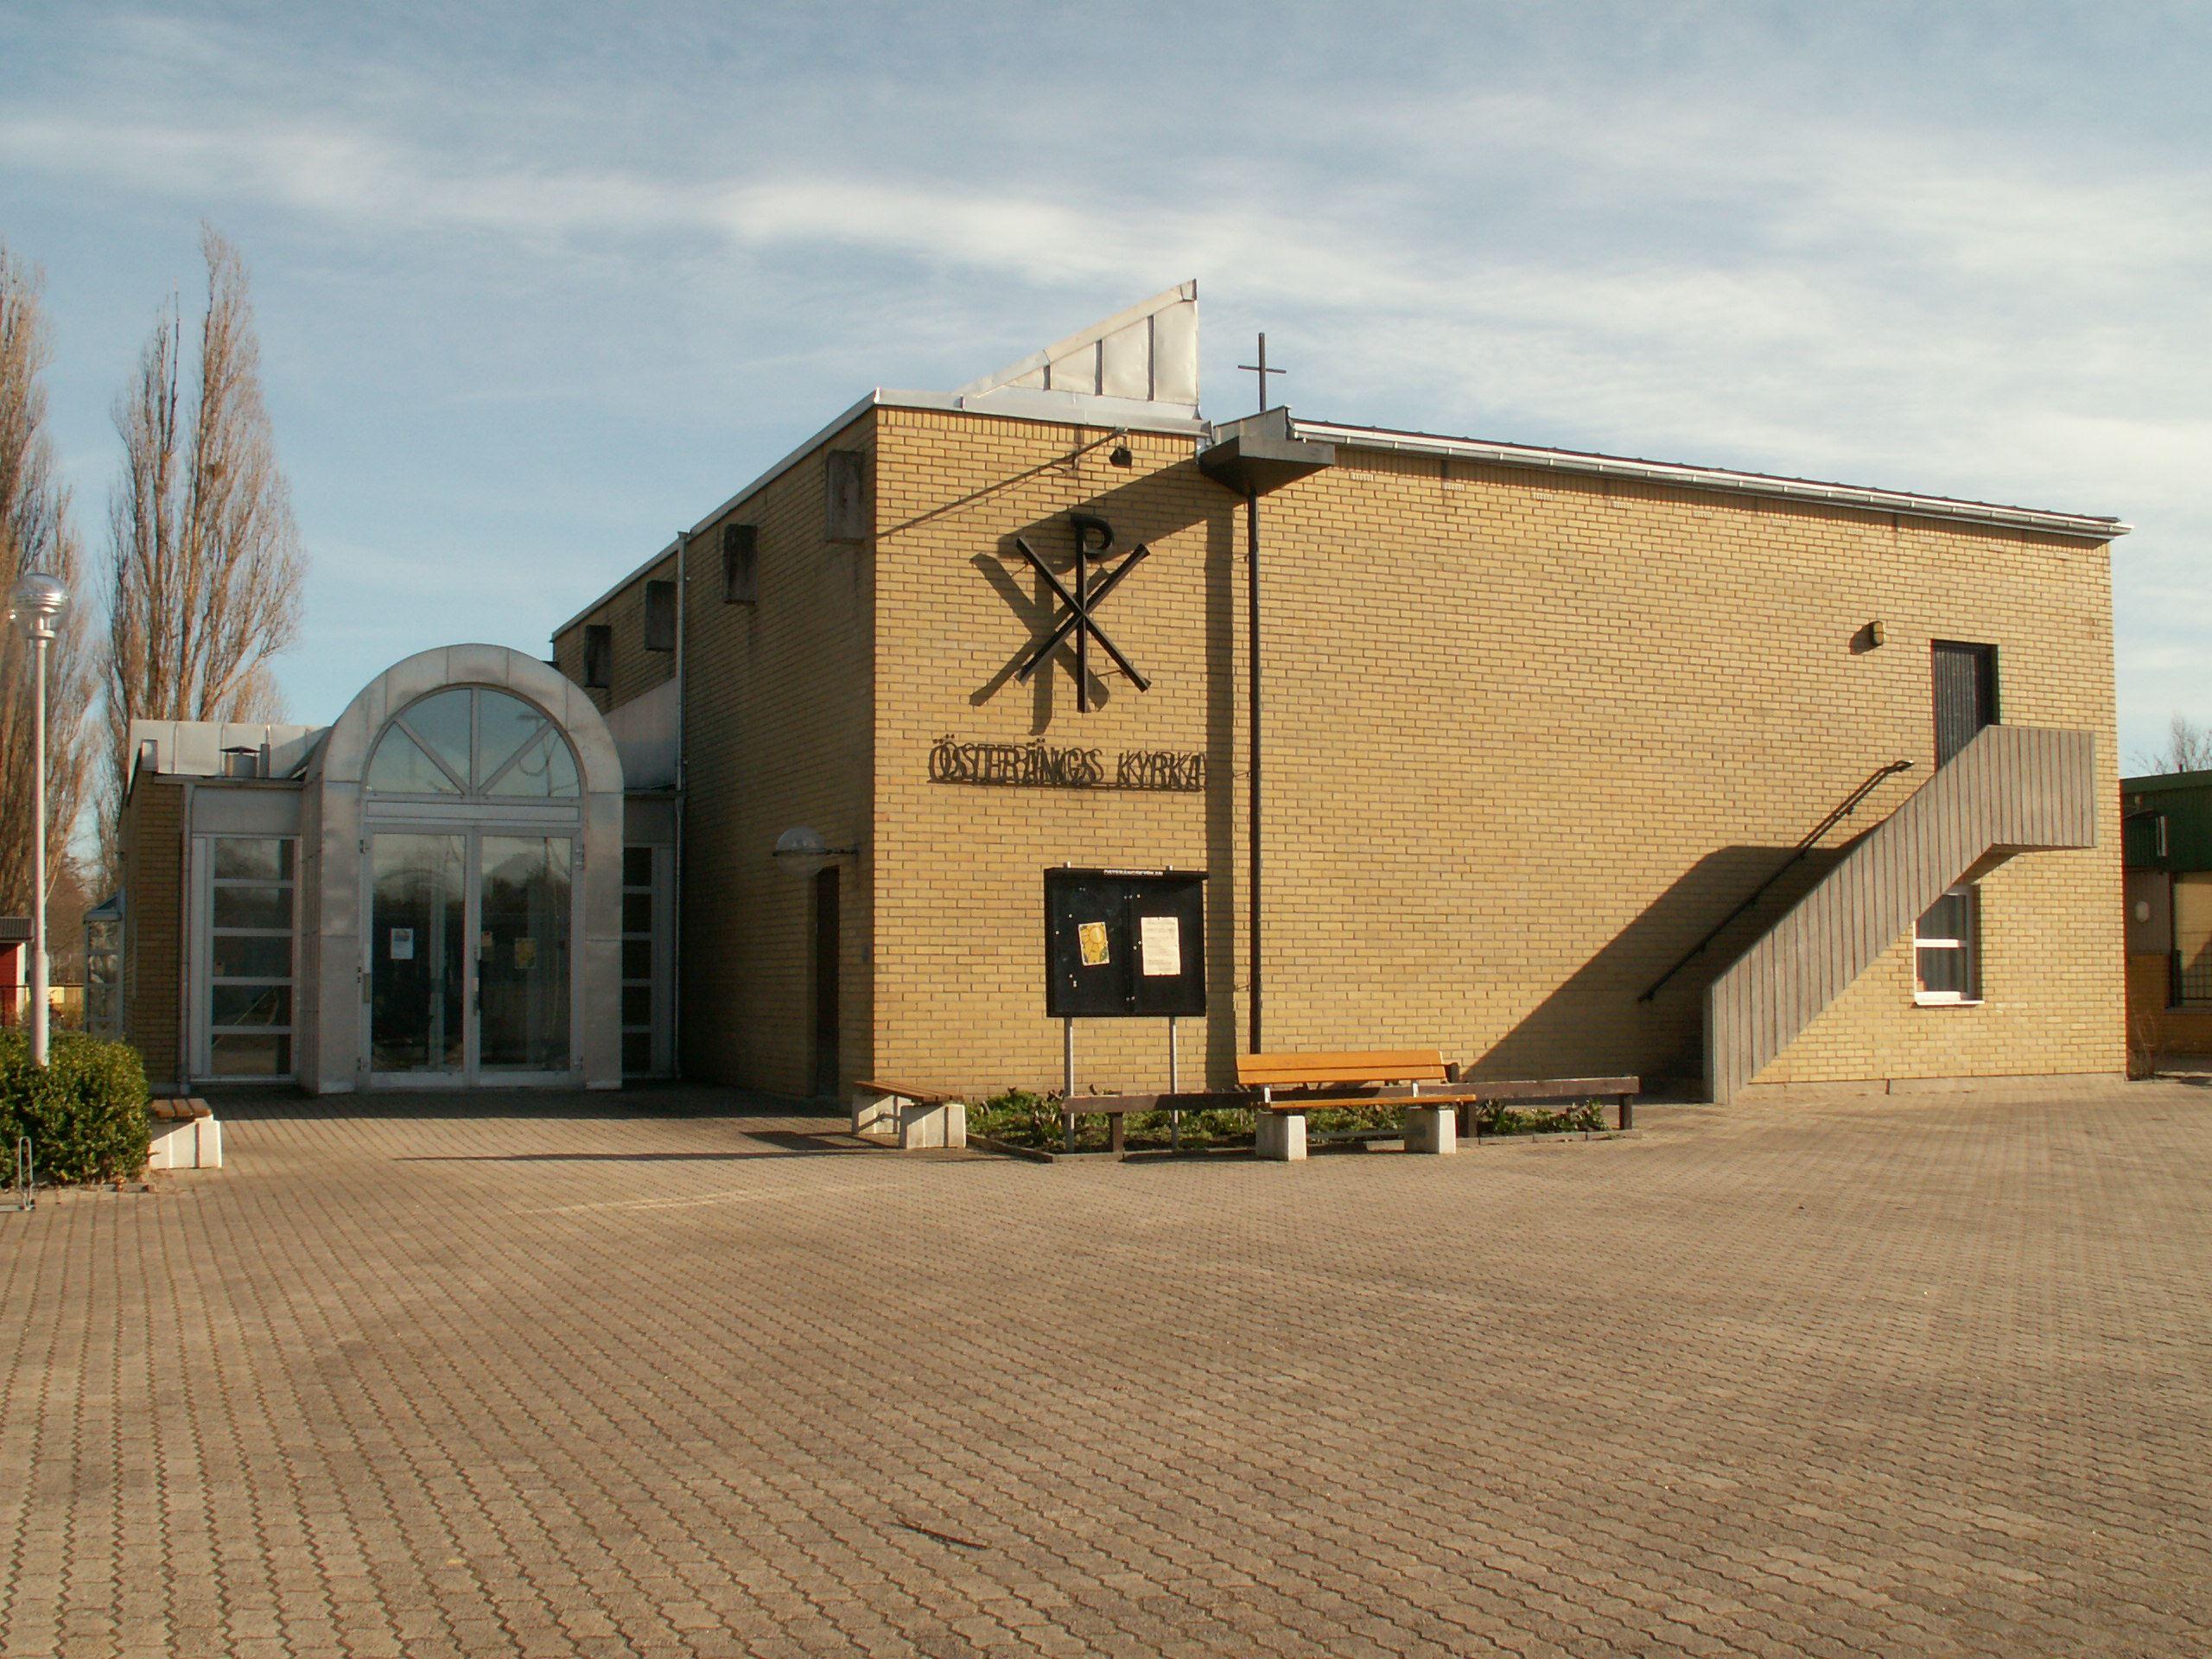 Österängs kyrka